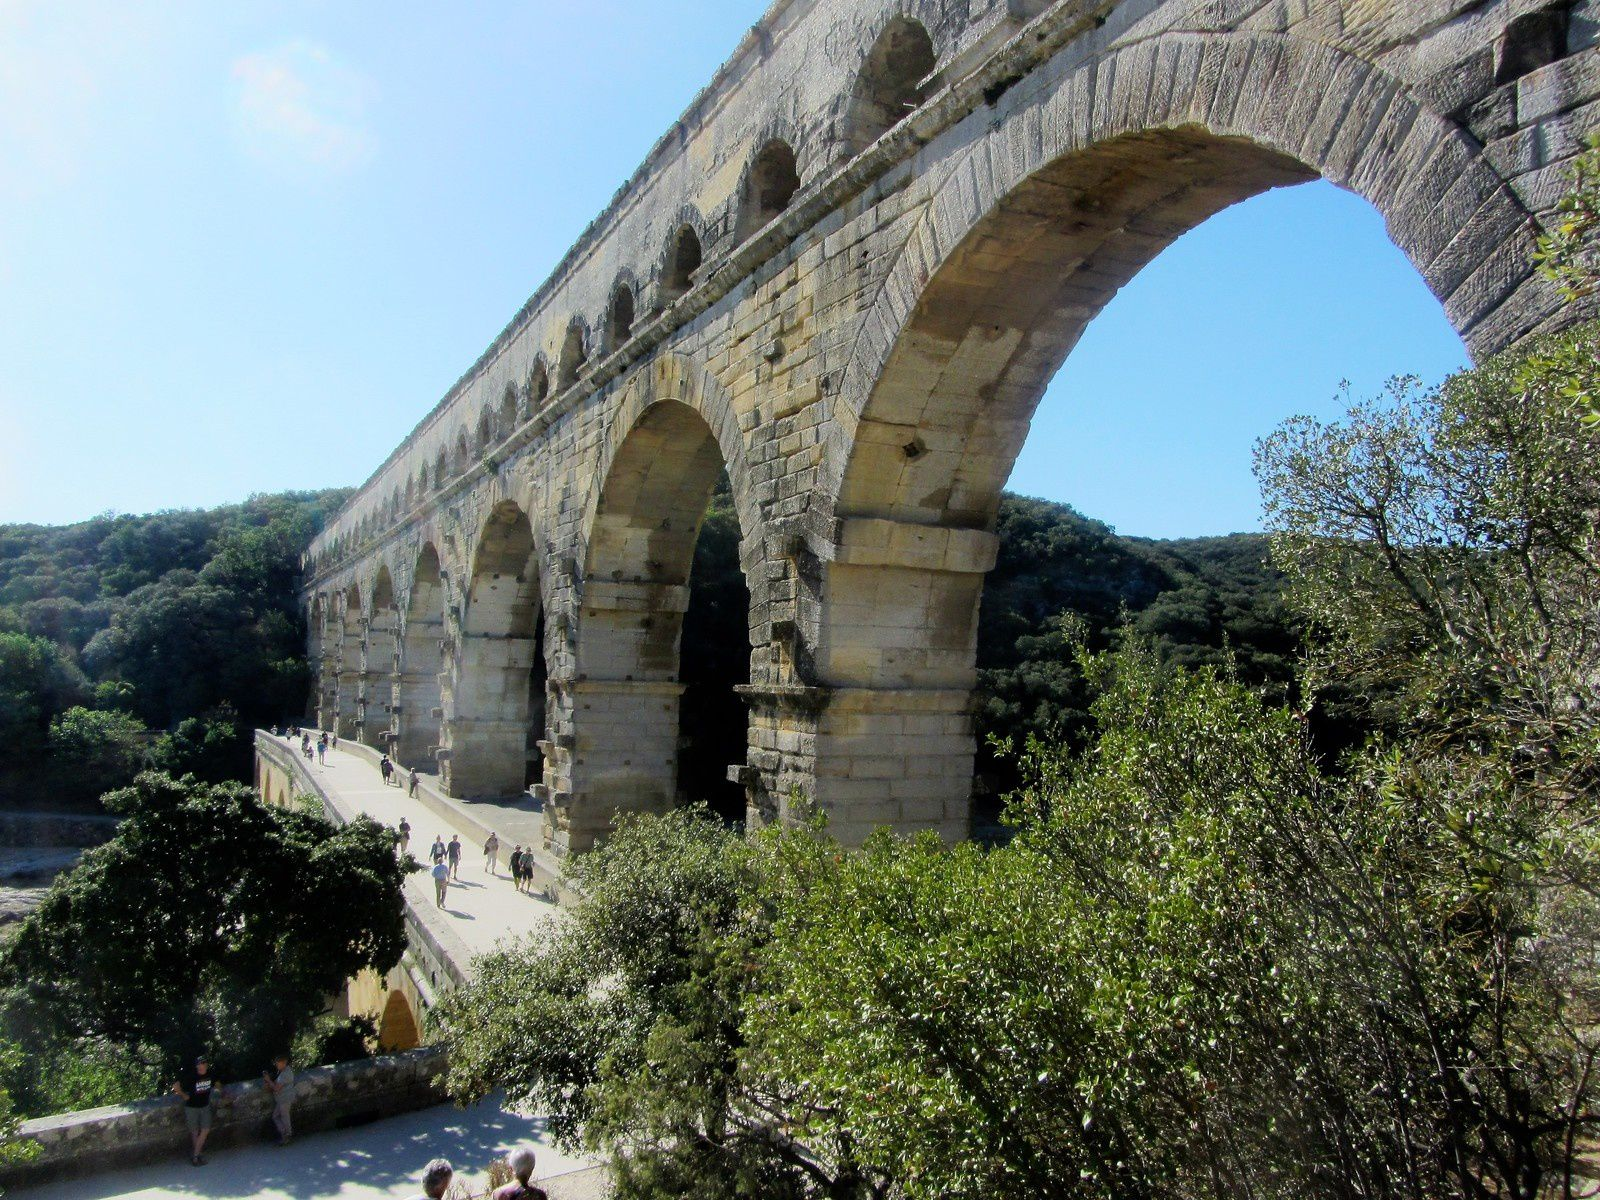 Le pont du Gard est un pont à trois niveaux destiné au passage d'un aqueduc romain.